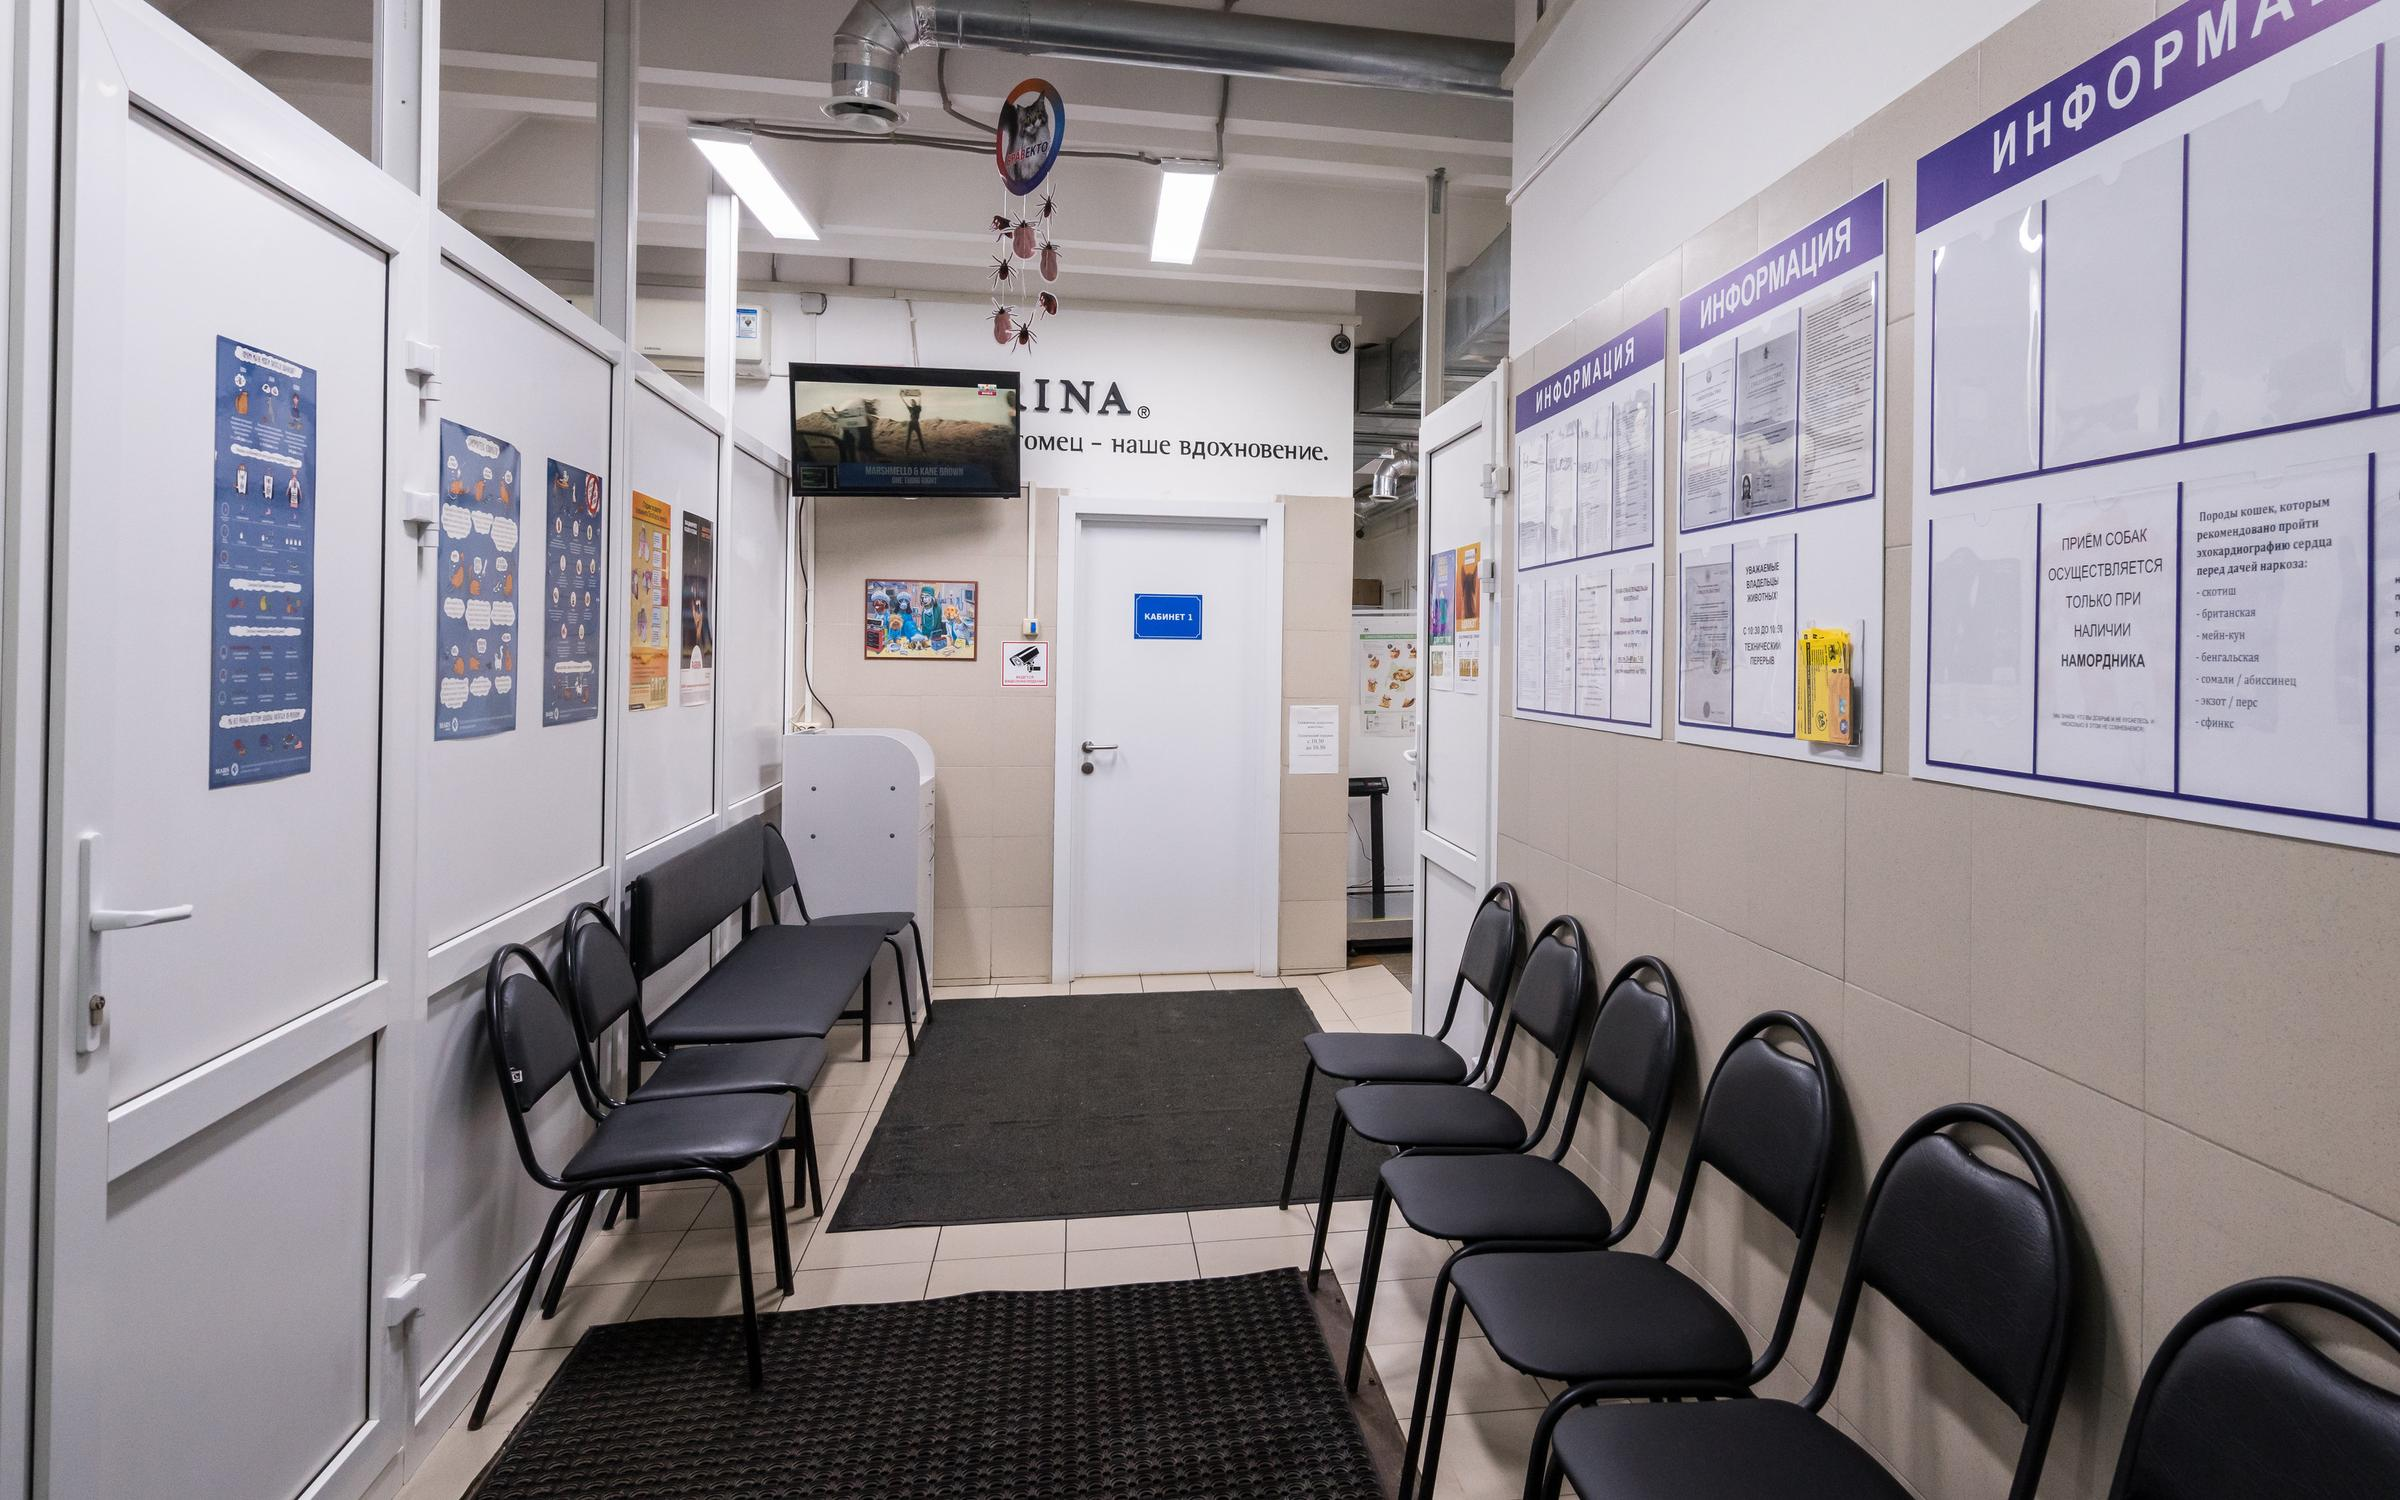 фотография Ветеринарной клиники Арника на Суздальской улице